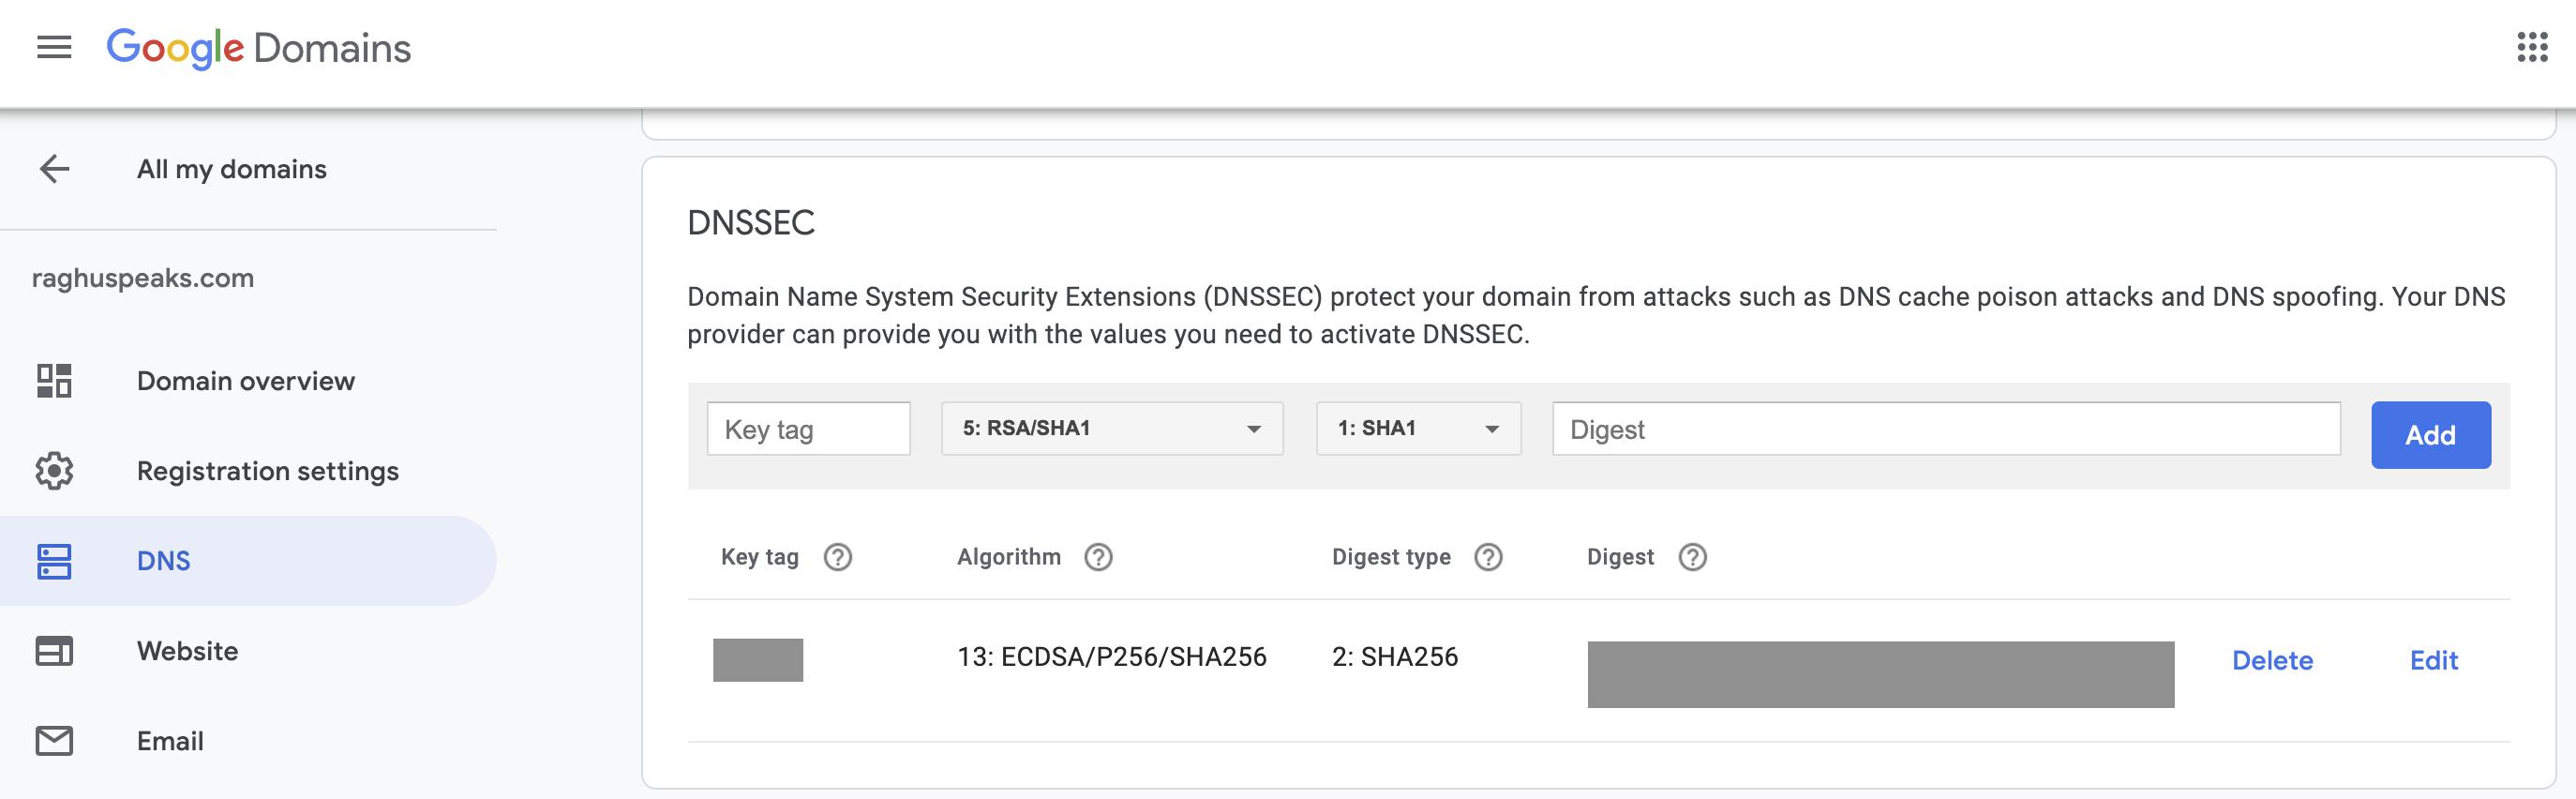 DNSSEC-configuration-google-domains